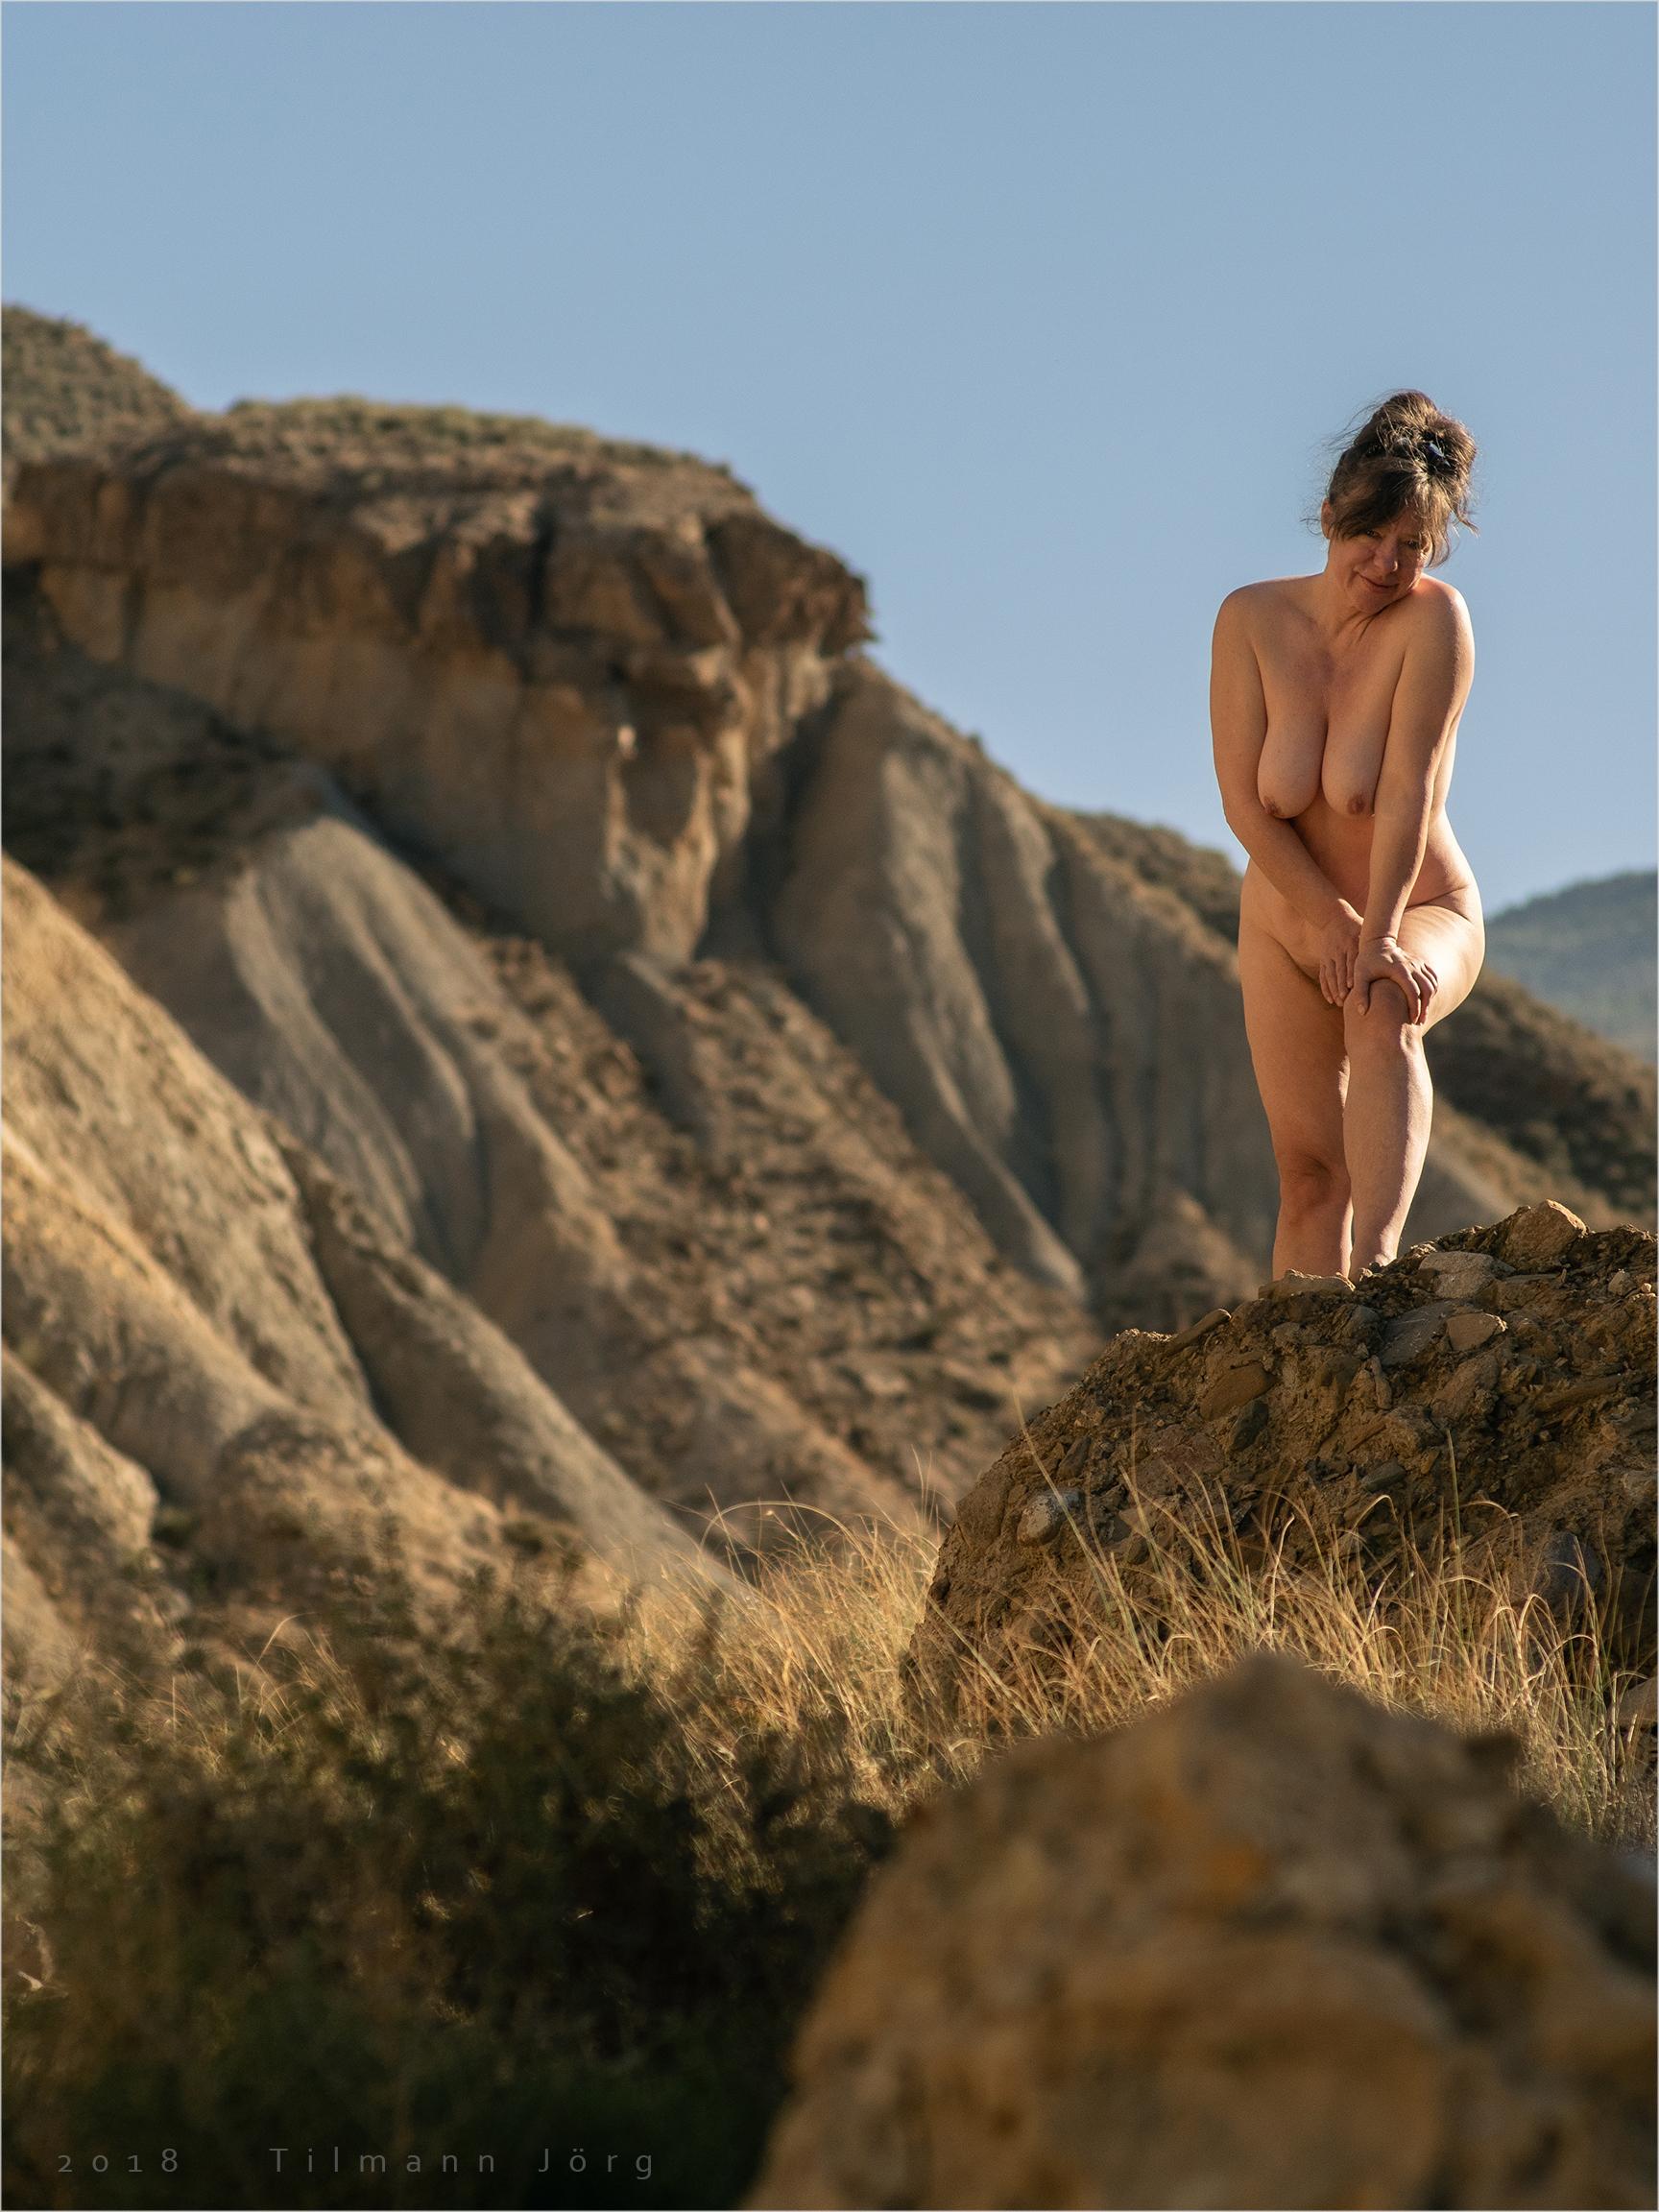 nackte frau steht auf einem hügel in der wüste